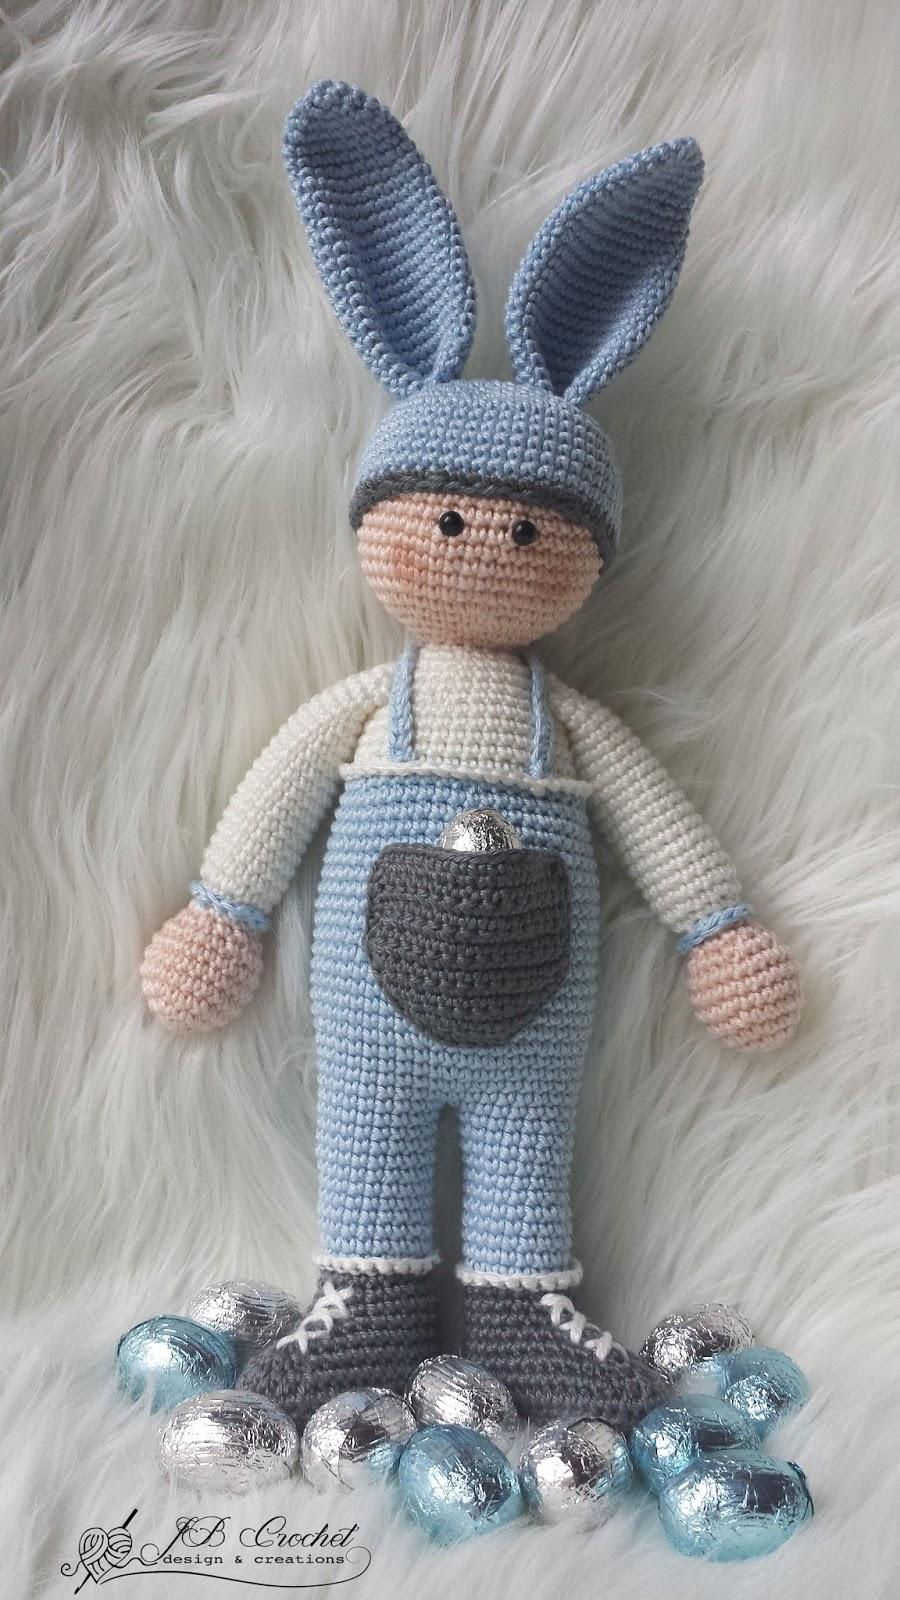 Jb Crochet Design Creations Haakpatronen